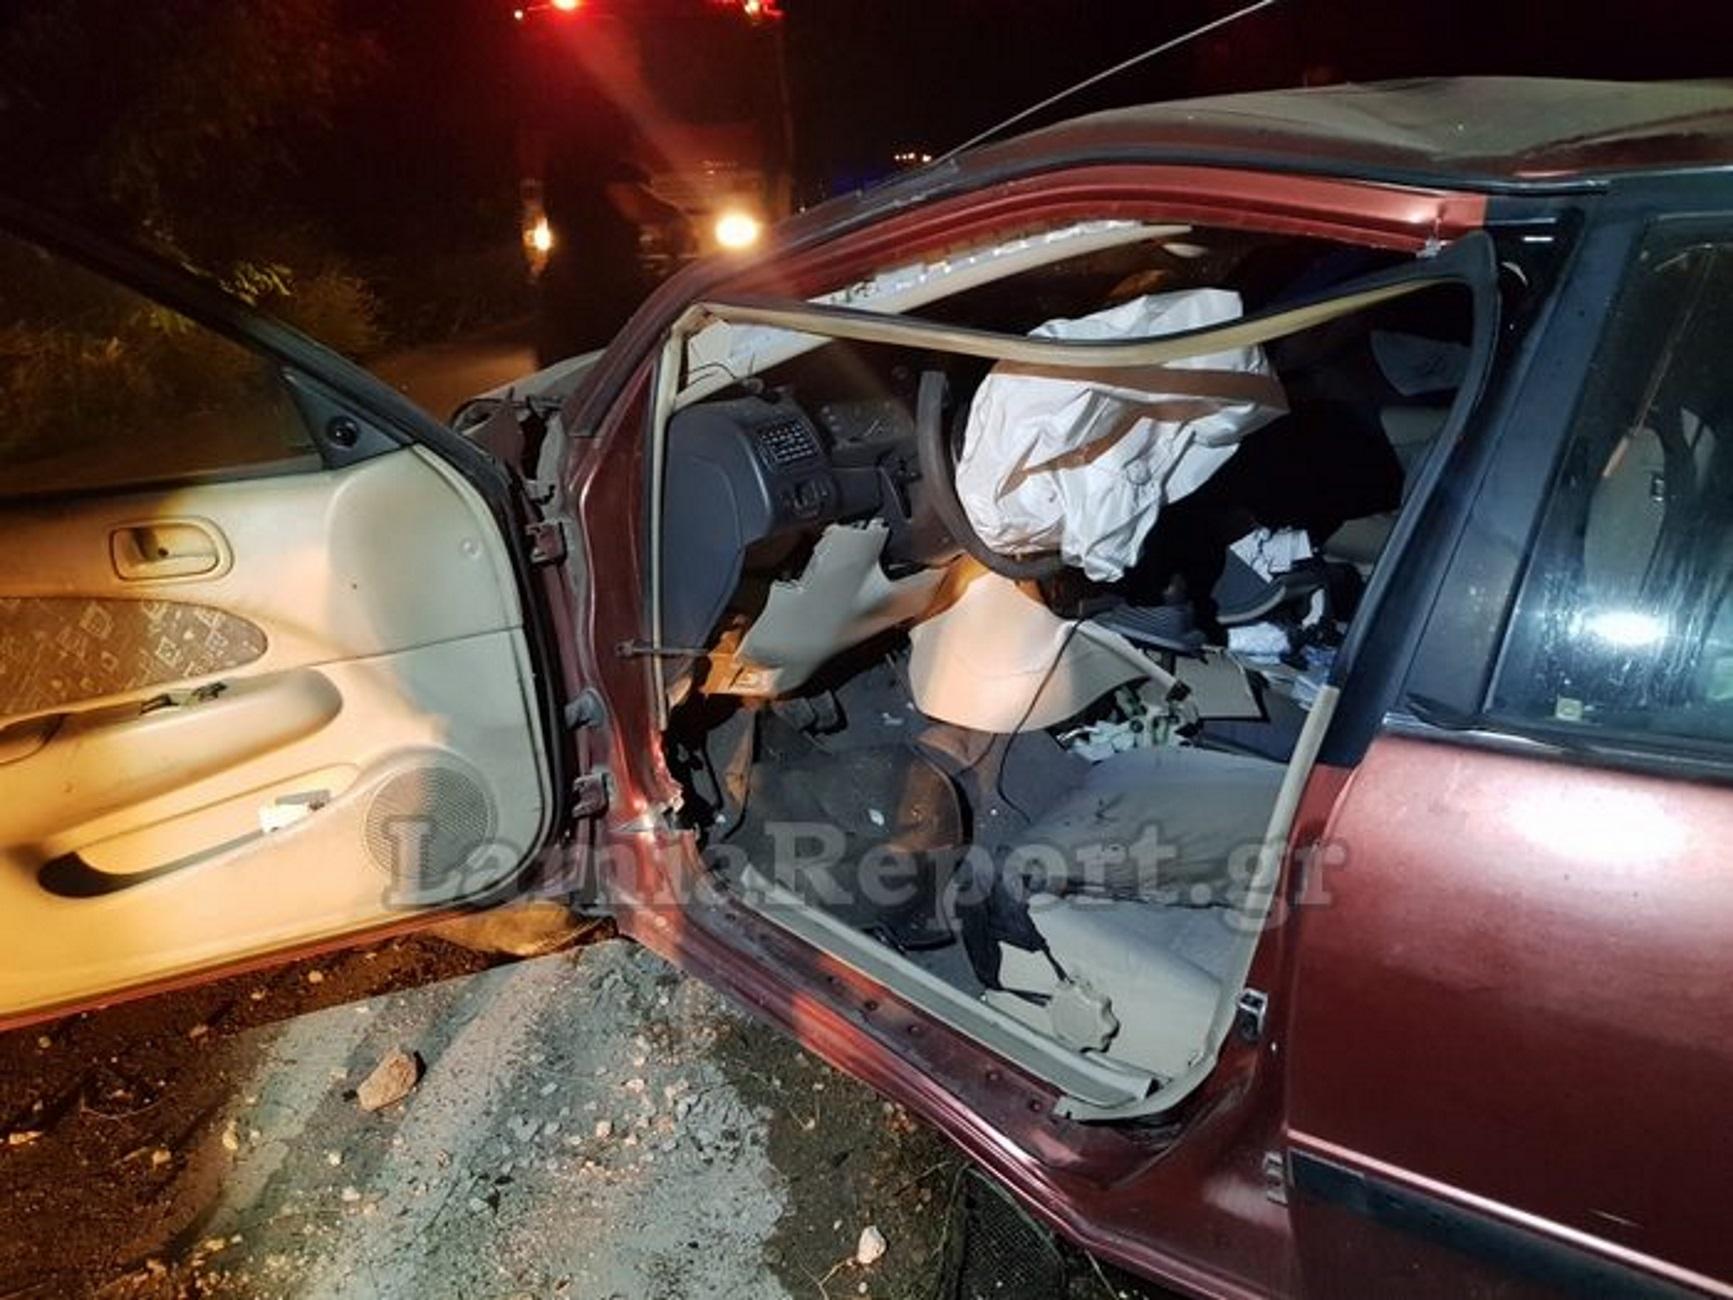 Φθιώτιδα: Αγριογούρουνο προκάλεσε διπλό τροχαίο με απίστευτες εικόνες καταστροφής! Διαλύθηκαν δύο αυτοκίνητα (Βίντεο)